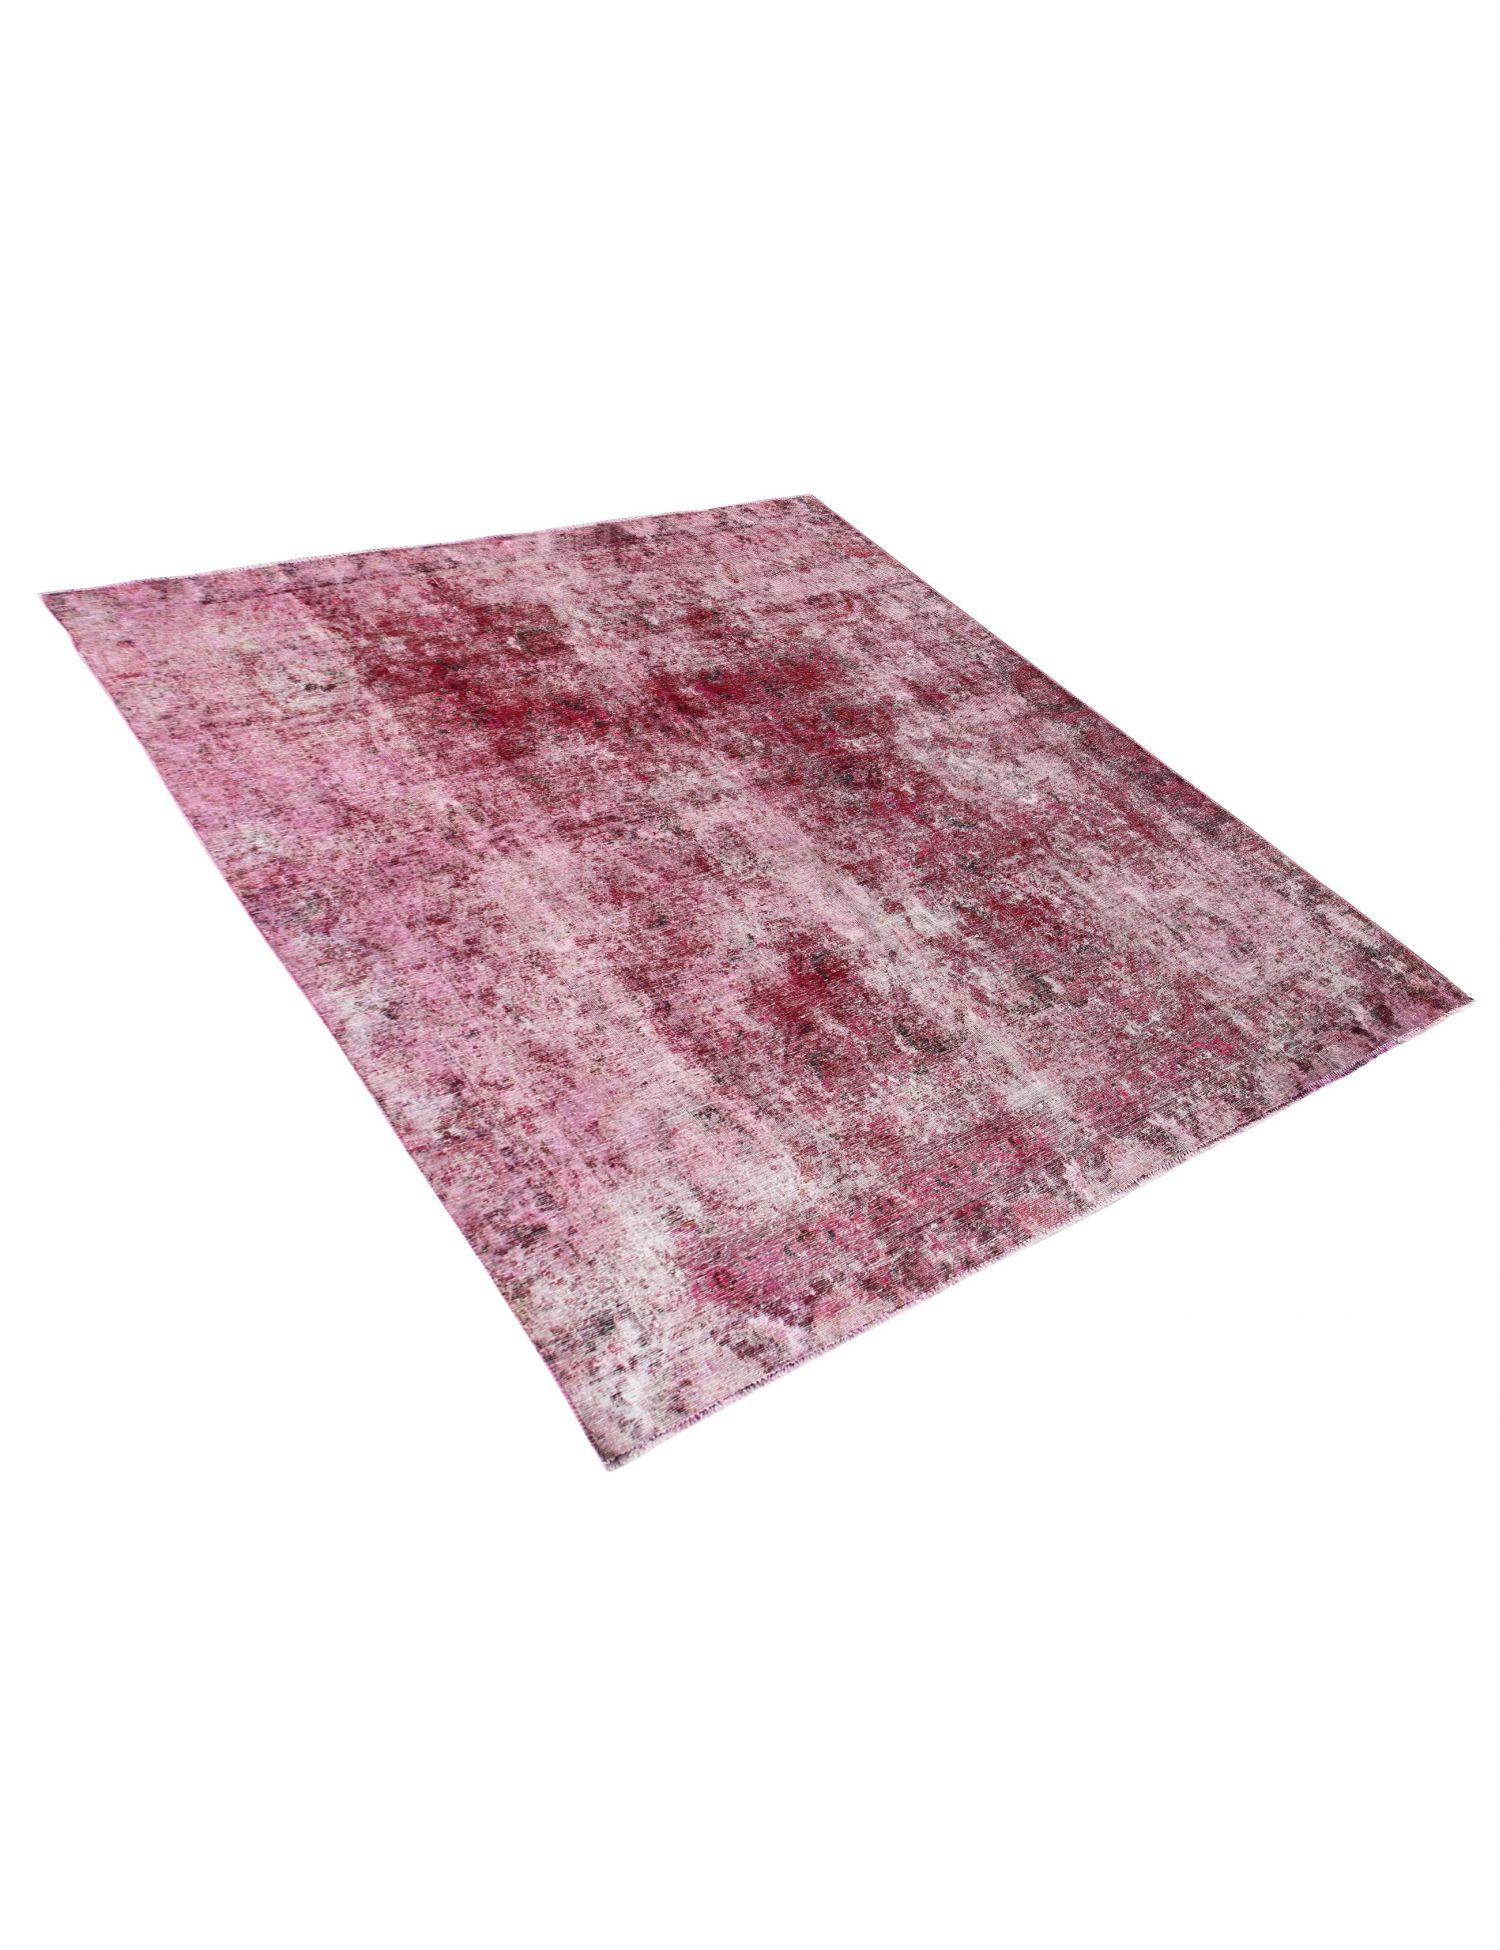 Vintage Teppich  rosa <br/>275 x 267 cm